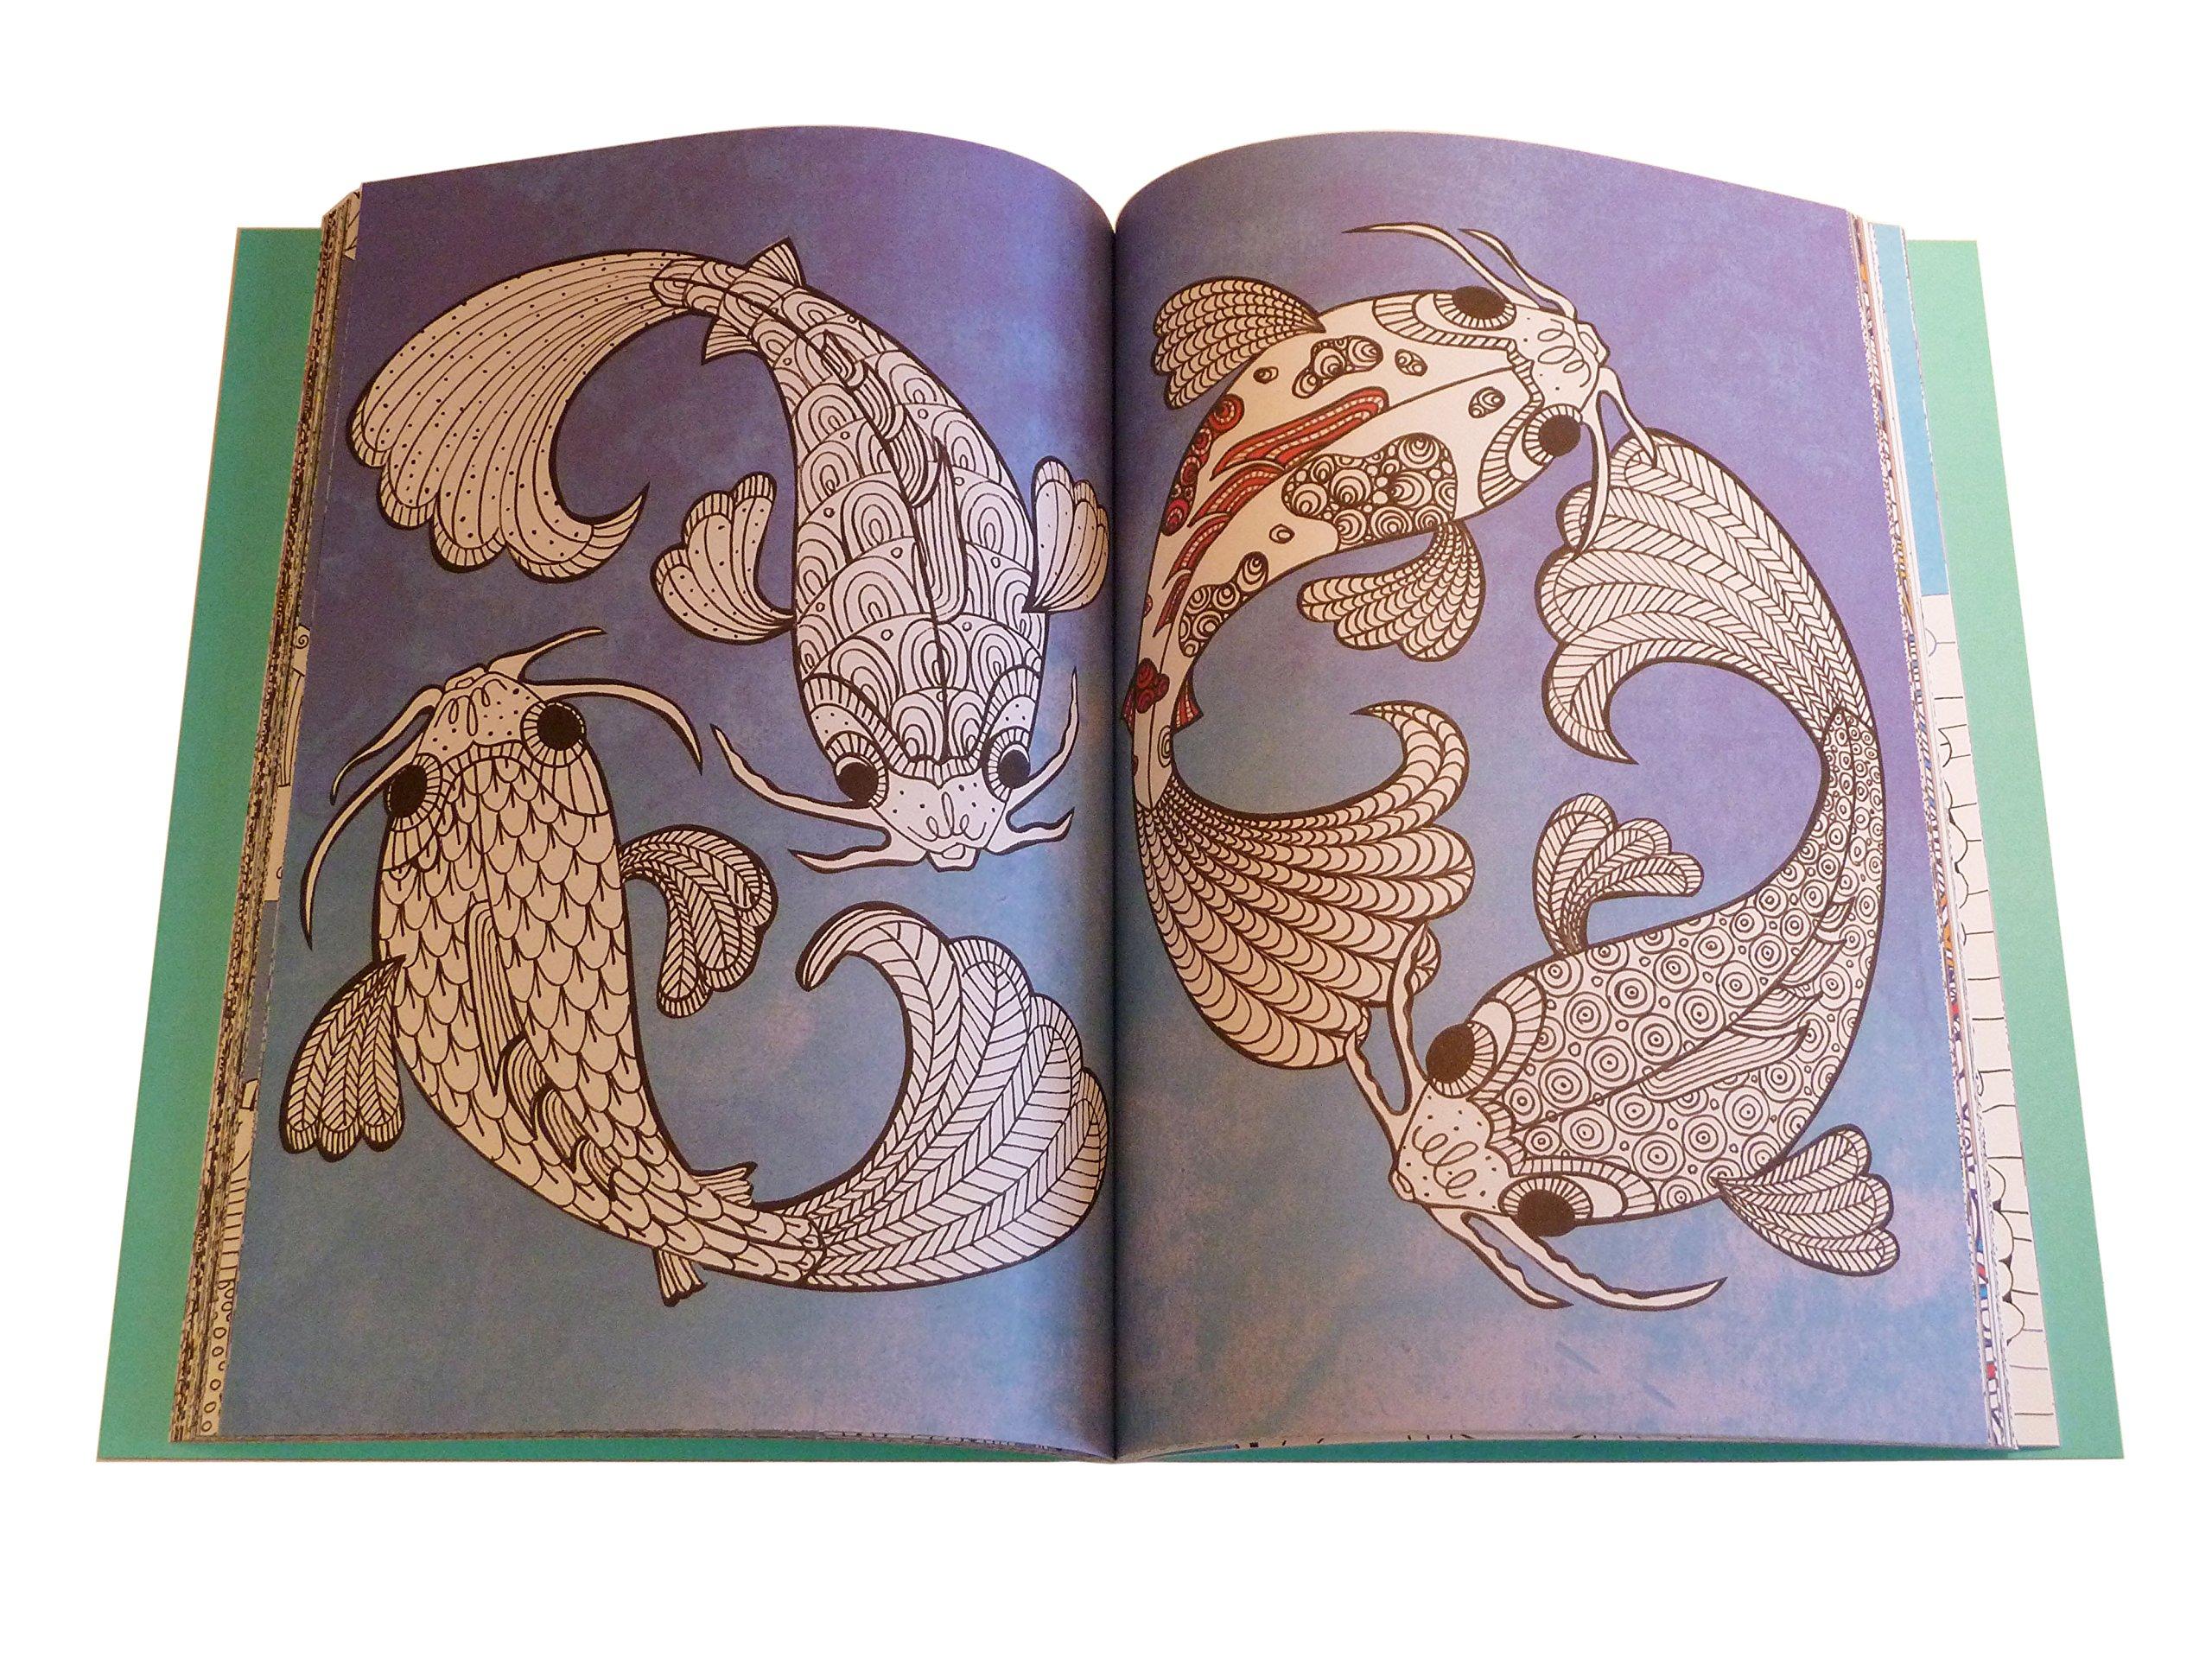 Art therapy coloring book michael omara - The Art Therapy Colouring Book Art Therapy Series Ikuo Horiguchi 9781782432227 Amazon Com Books